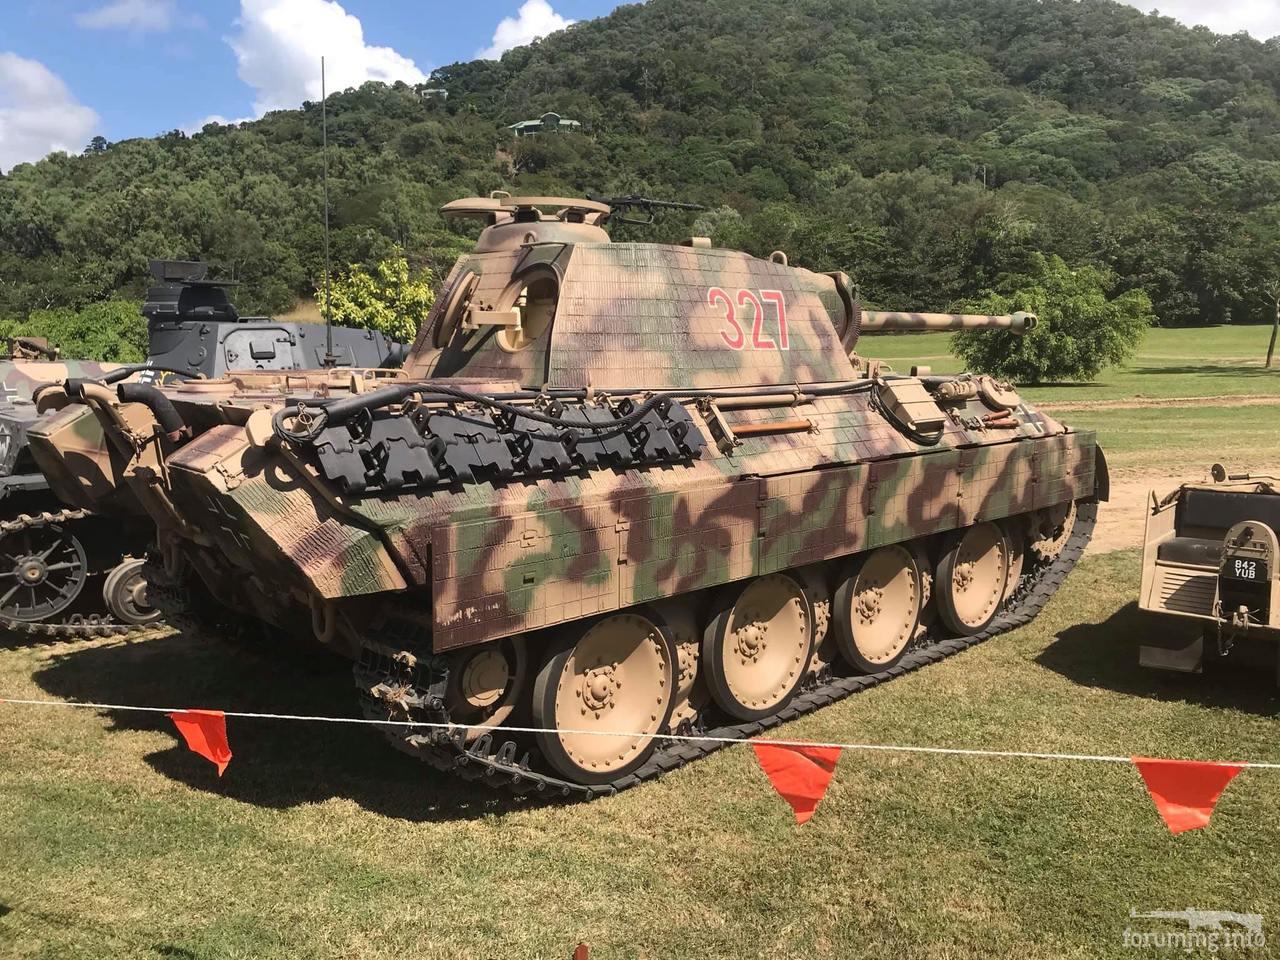 137945 - Achtung Panzer!